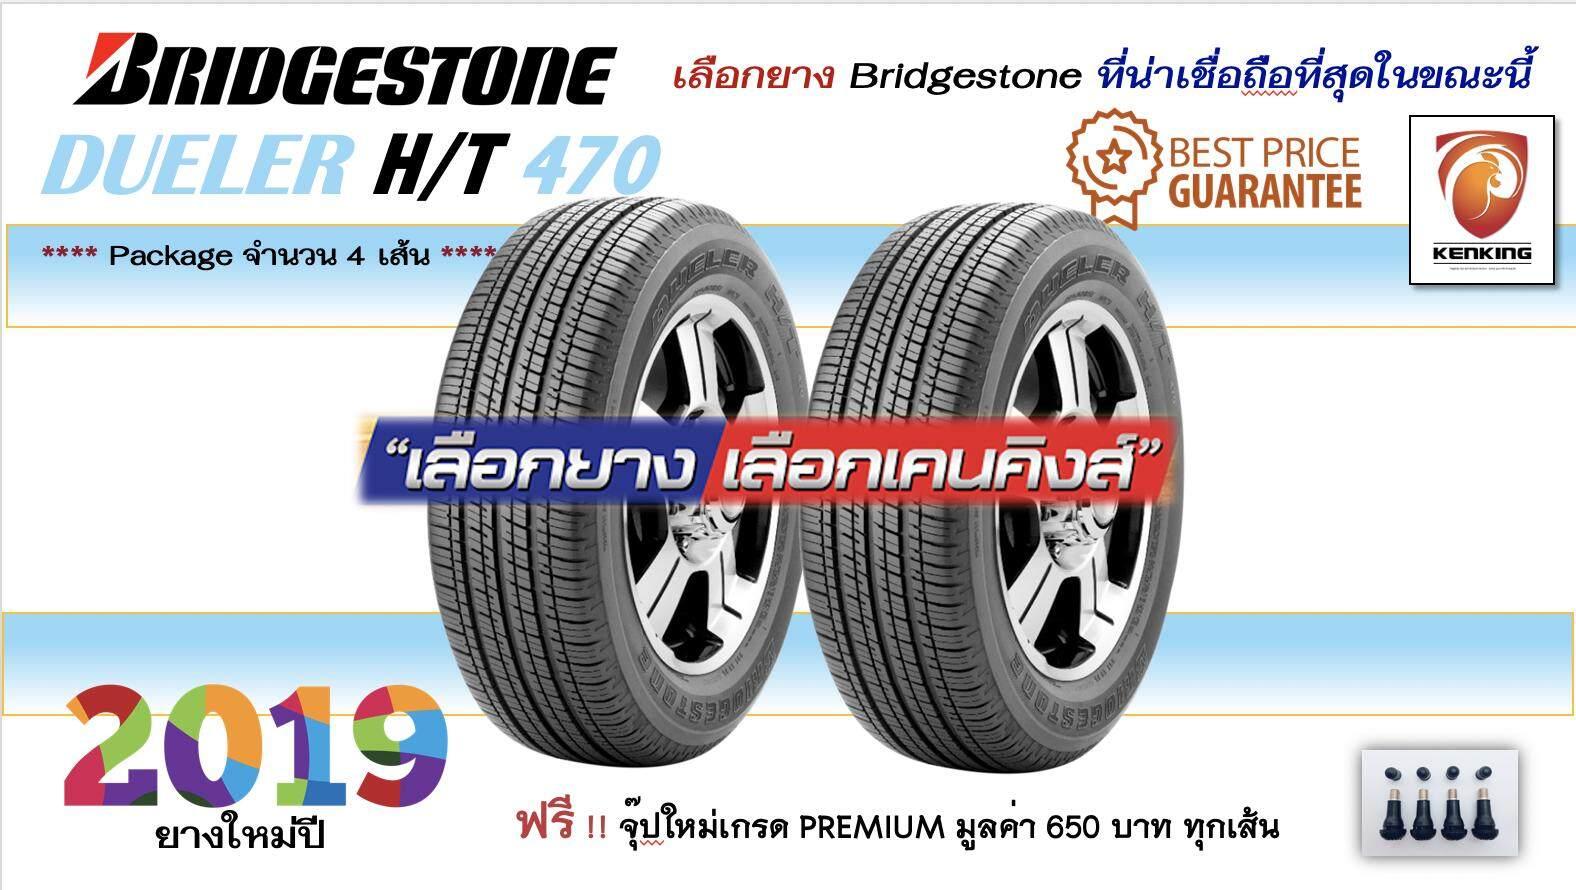 ประกันภัย รถยนต์ 2+ ราชบุรี ยางรถยนต์์ขอบ 17 Bridgestone 225/65 R17 Dueler 470 NEW!! 2019 ( 2 เส้น ) ฟรี !! จุ๊ปยาง เกรด Premium 650 บาท